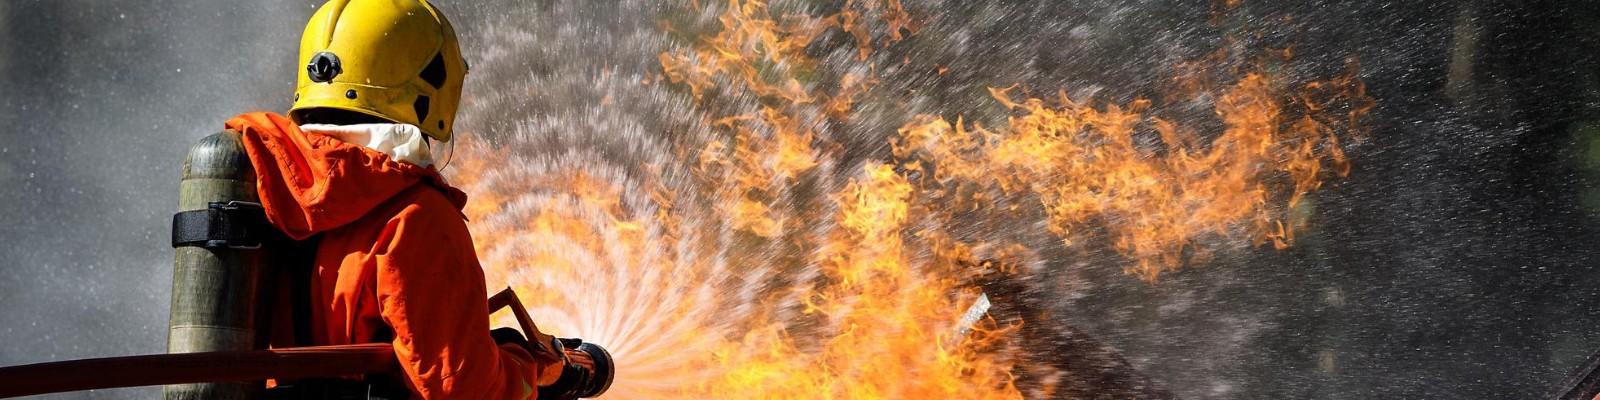 {:uk}Страхування членів добровільних пожежних дружин.{:}{:ru}Страхование членов добровольных пожарных дружин.{:}